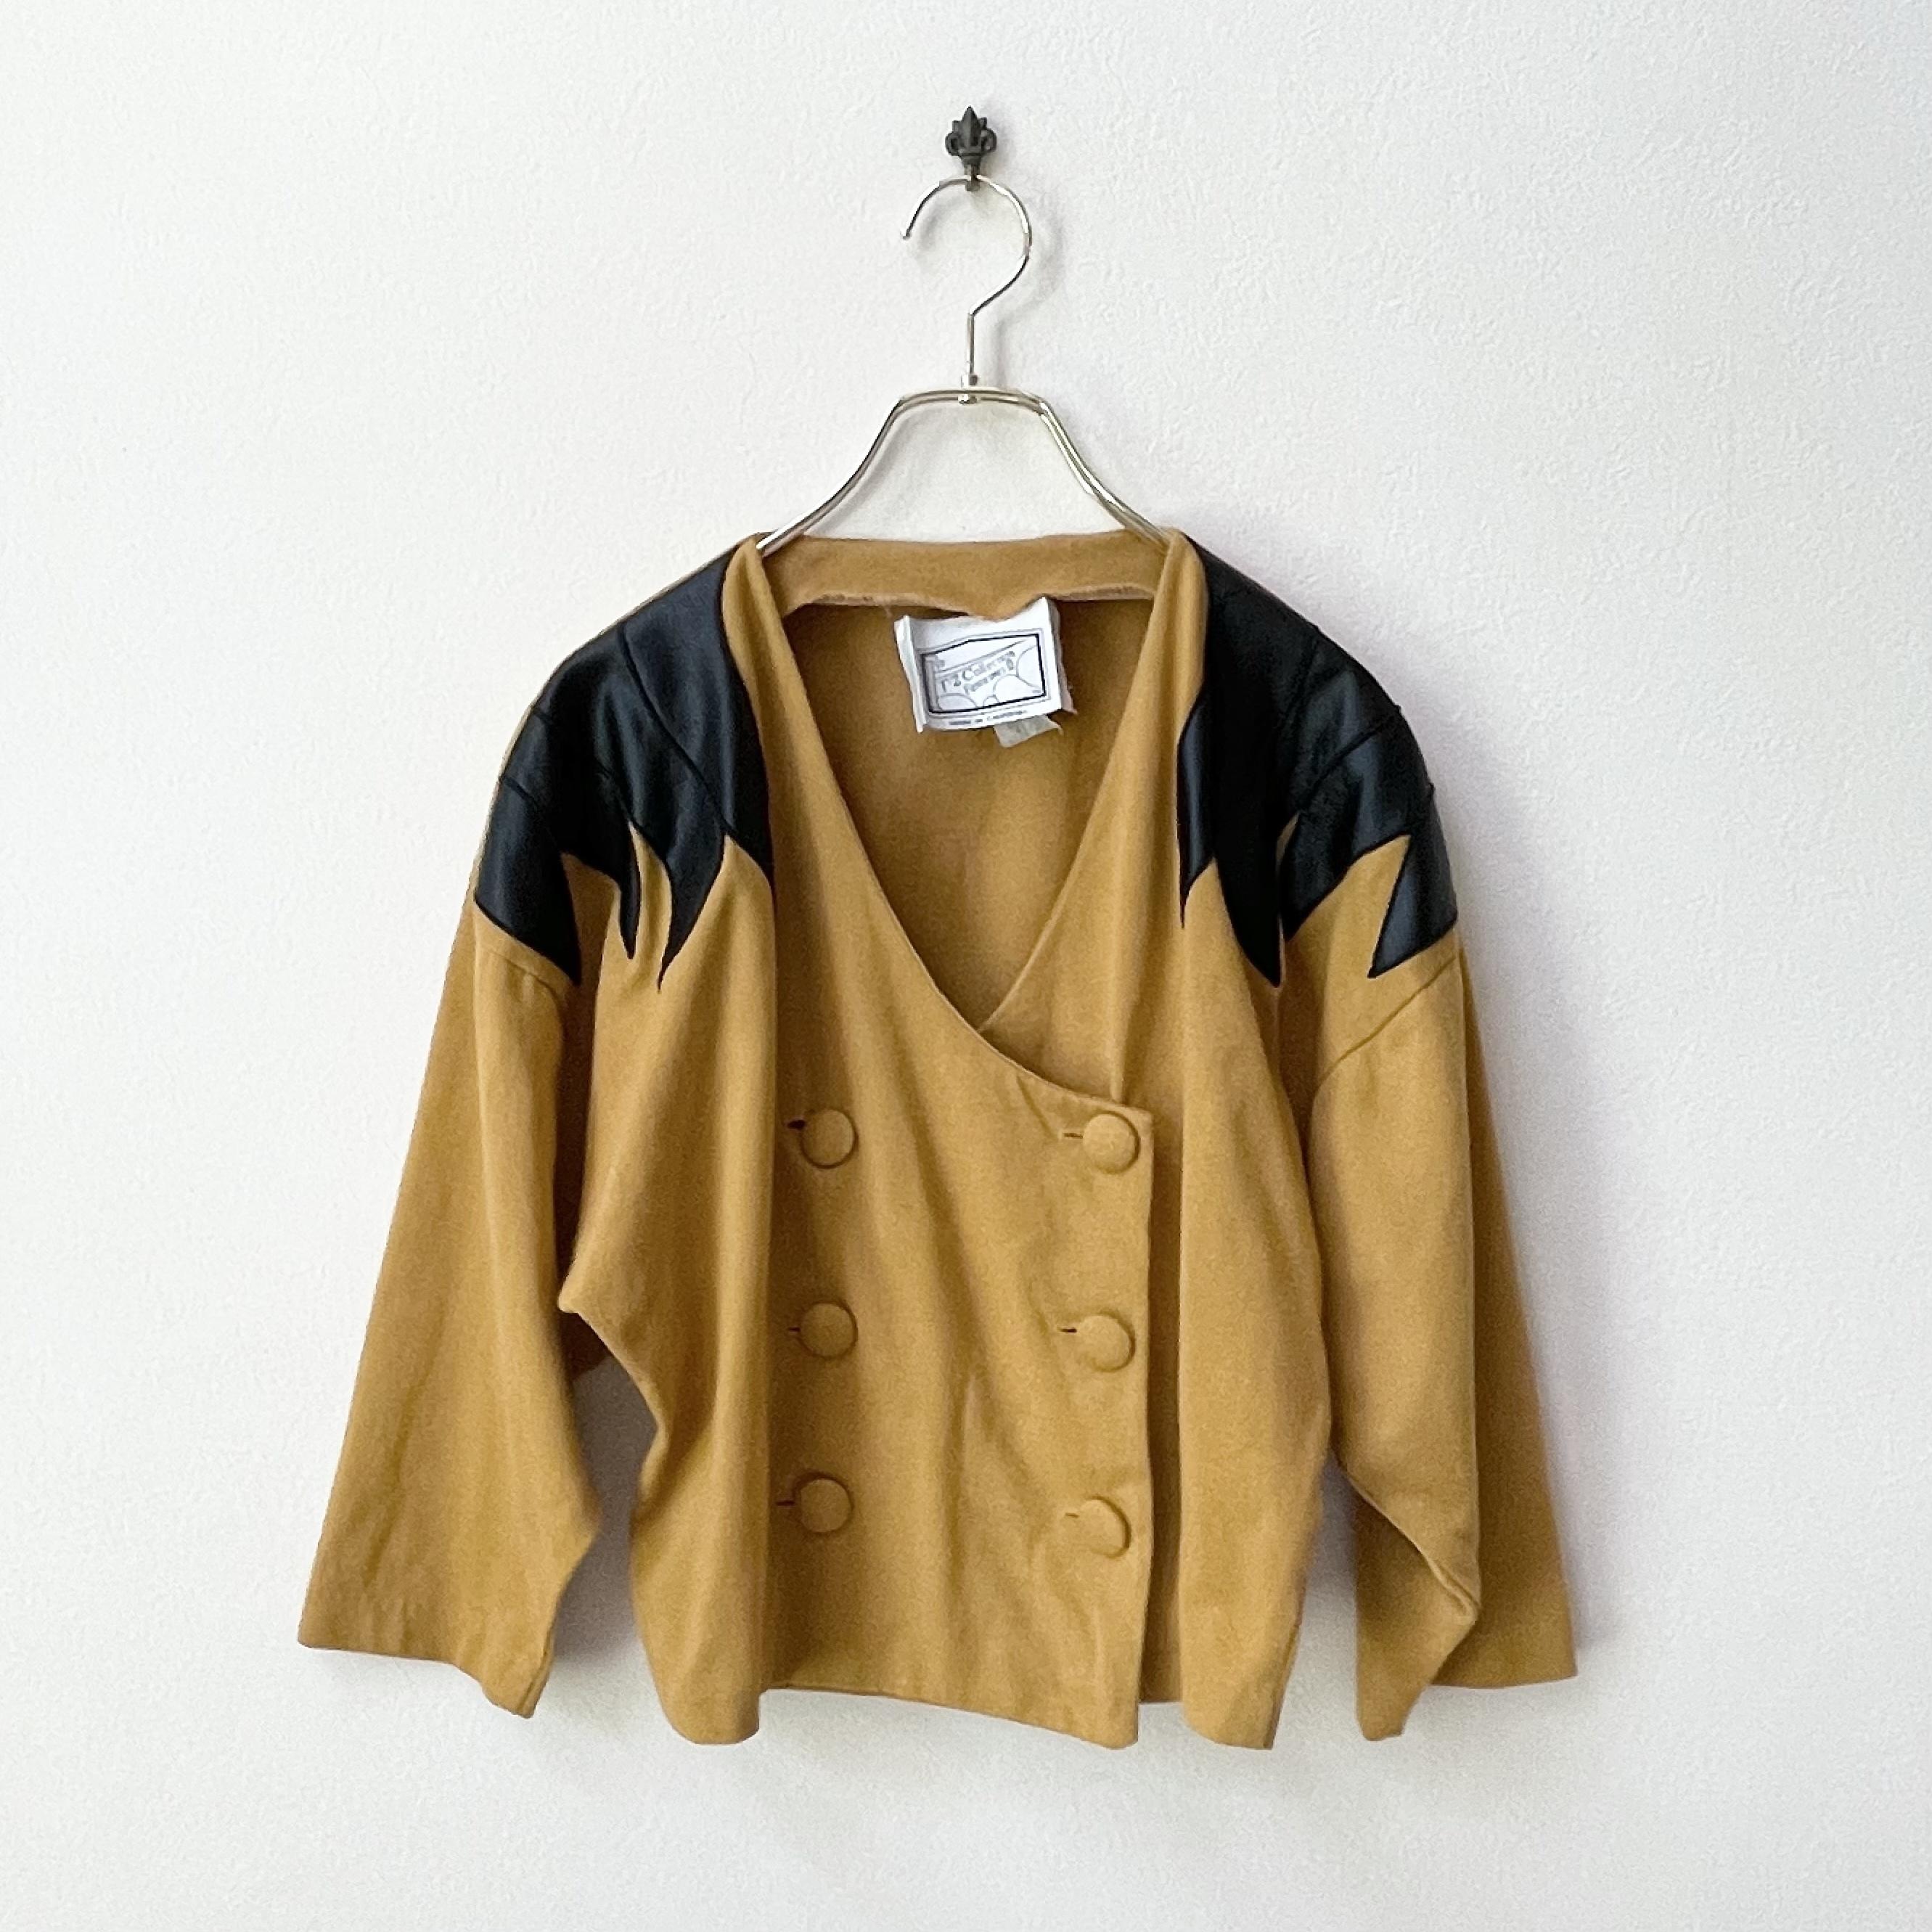 80年代  USA製 ヴィンテージ デザイン ショートジャケット 日本L